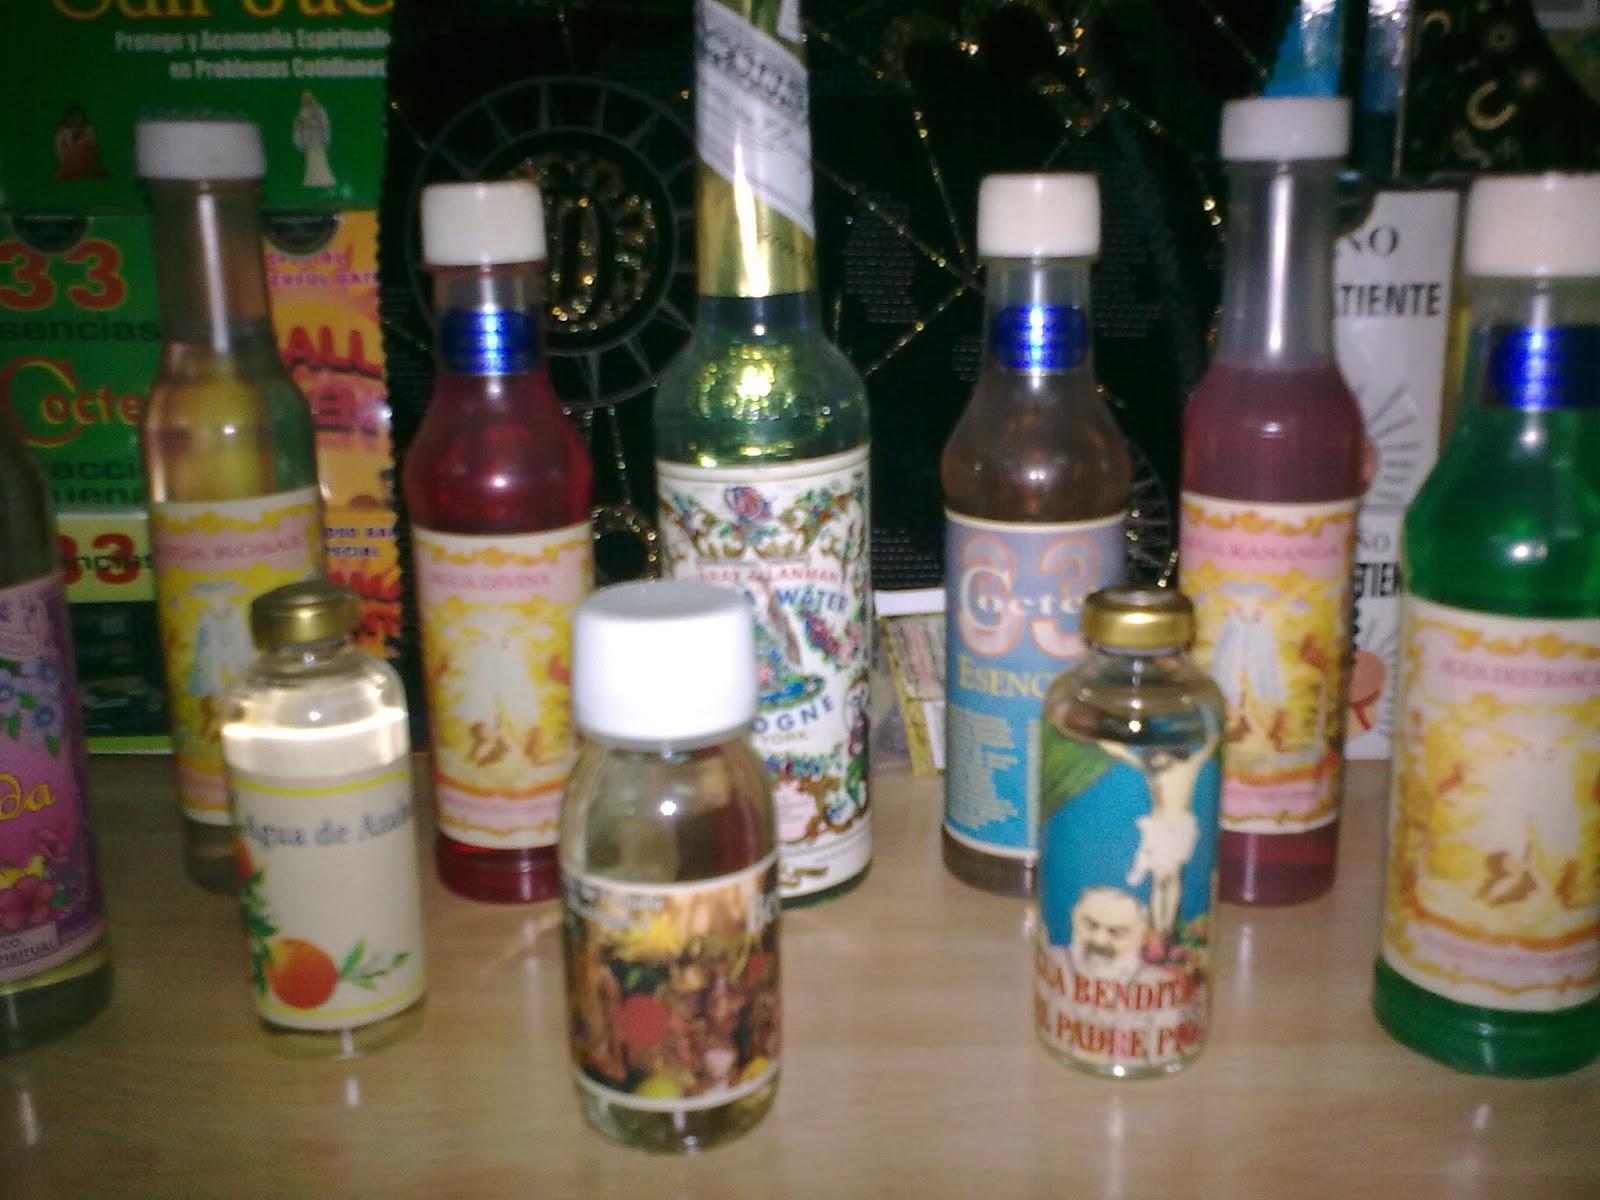 Aguas y extractos